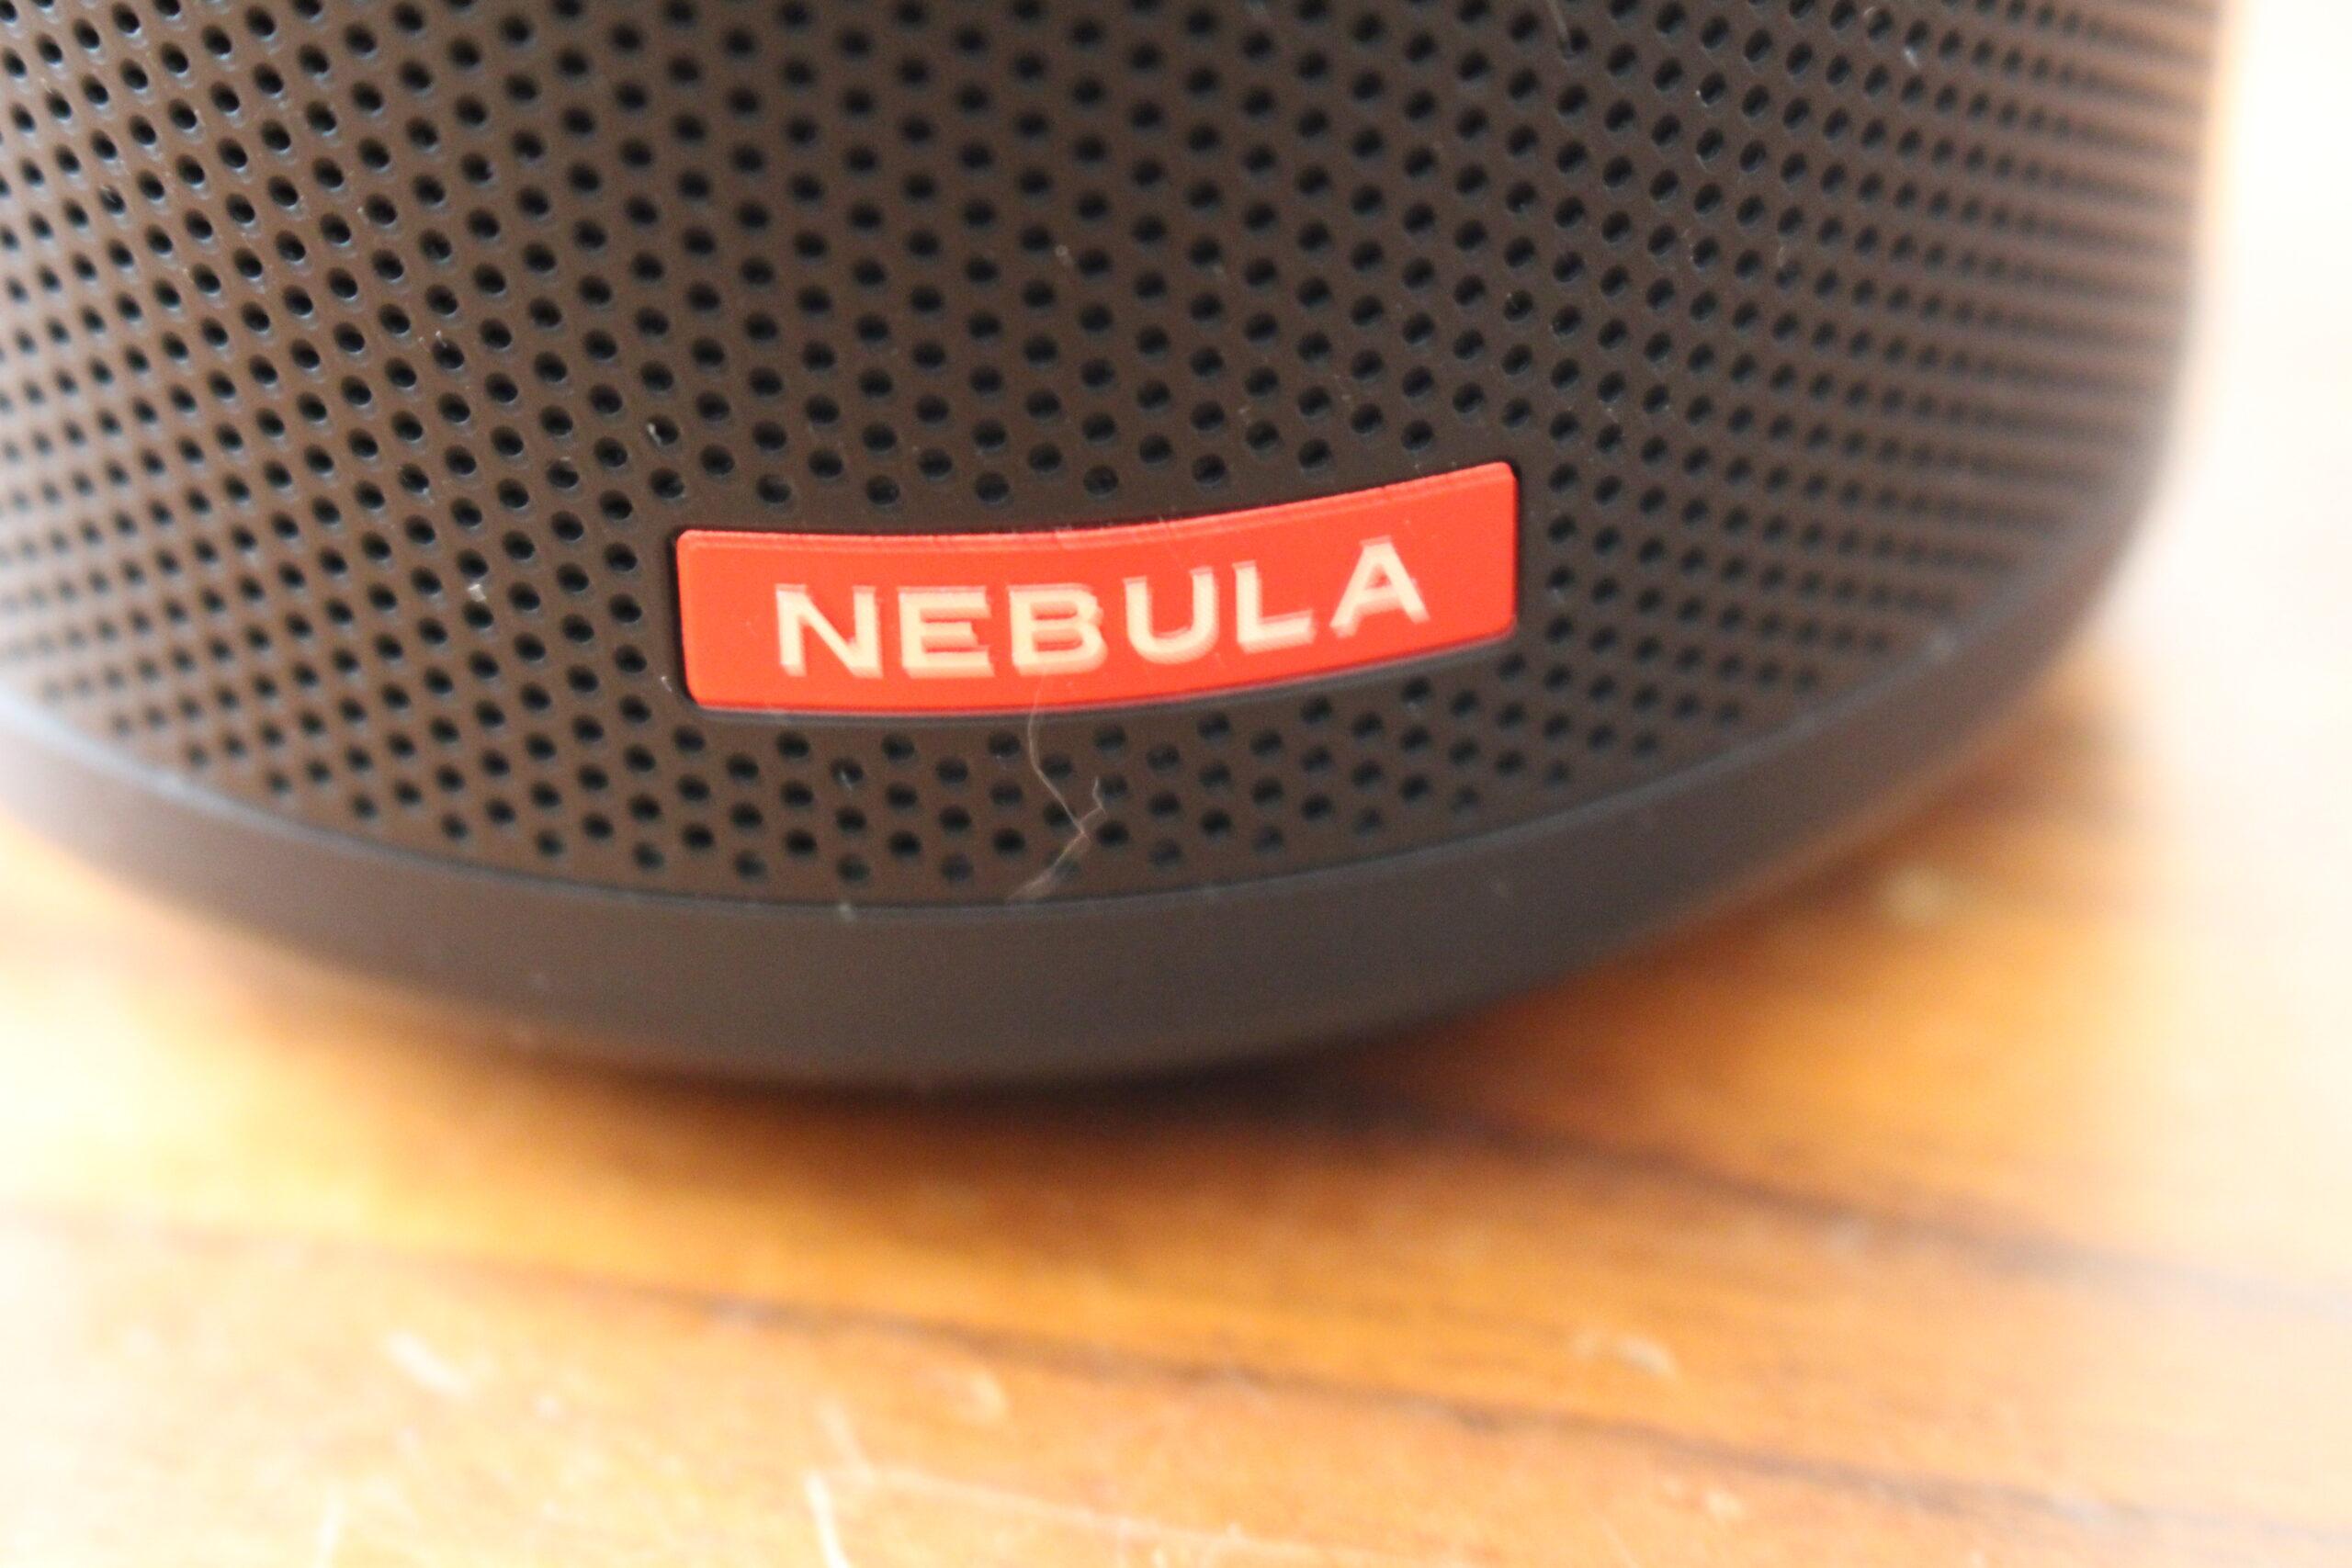 Nebula Capsule II